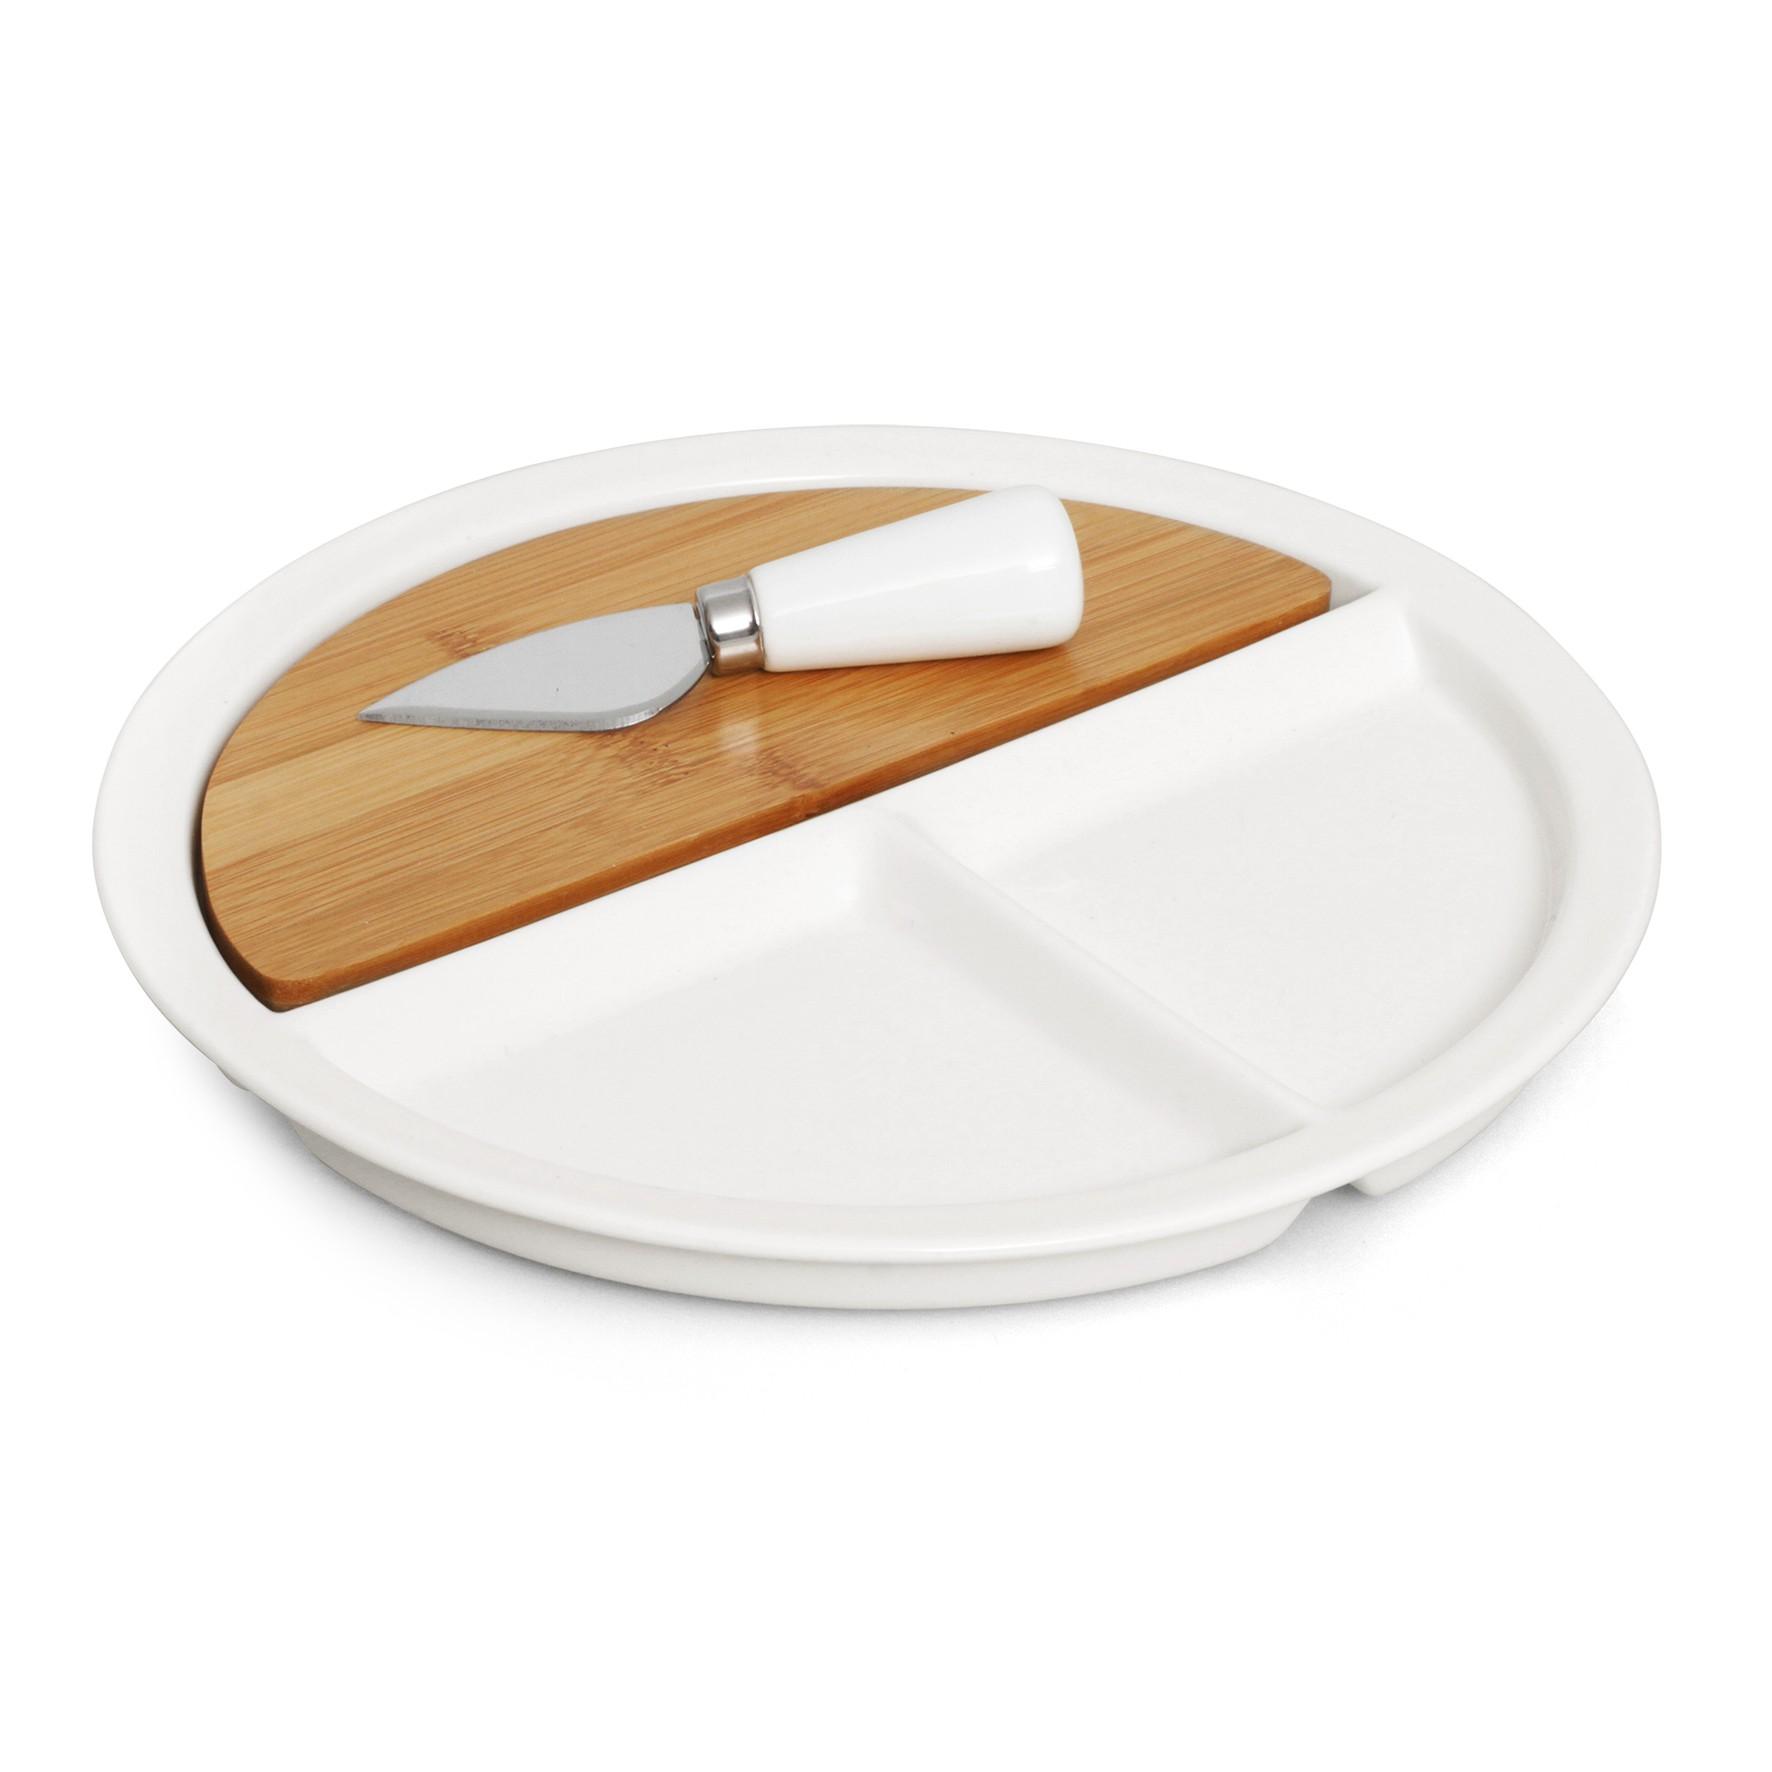 3pc Ceramic/Bamboo Cheese Set